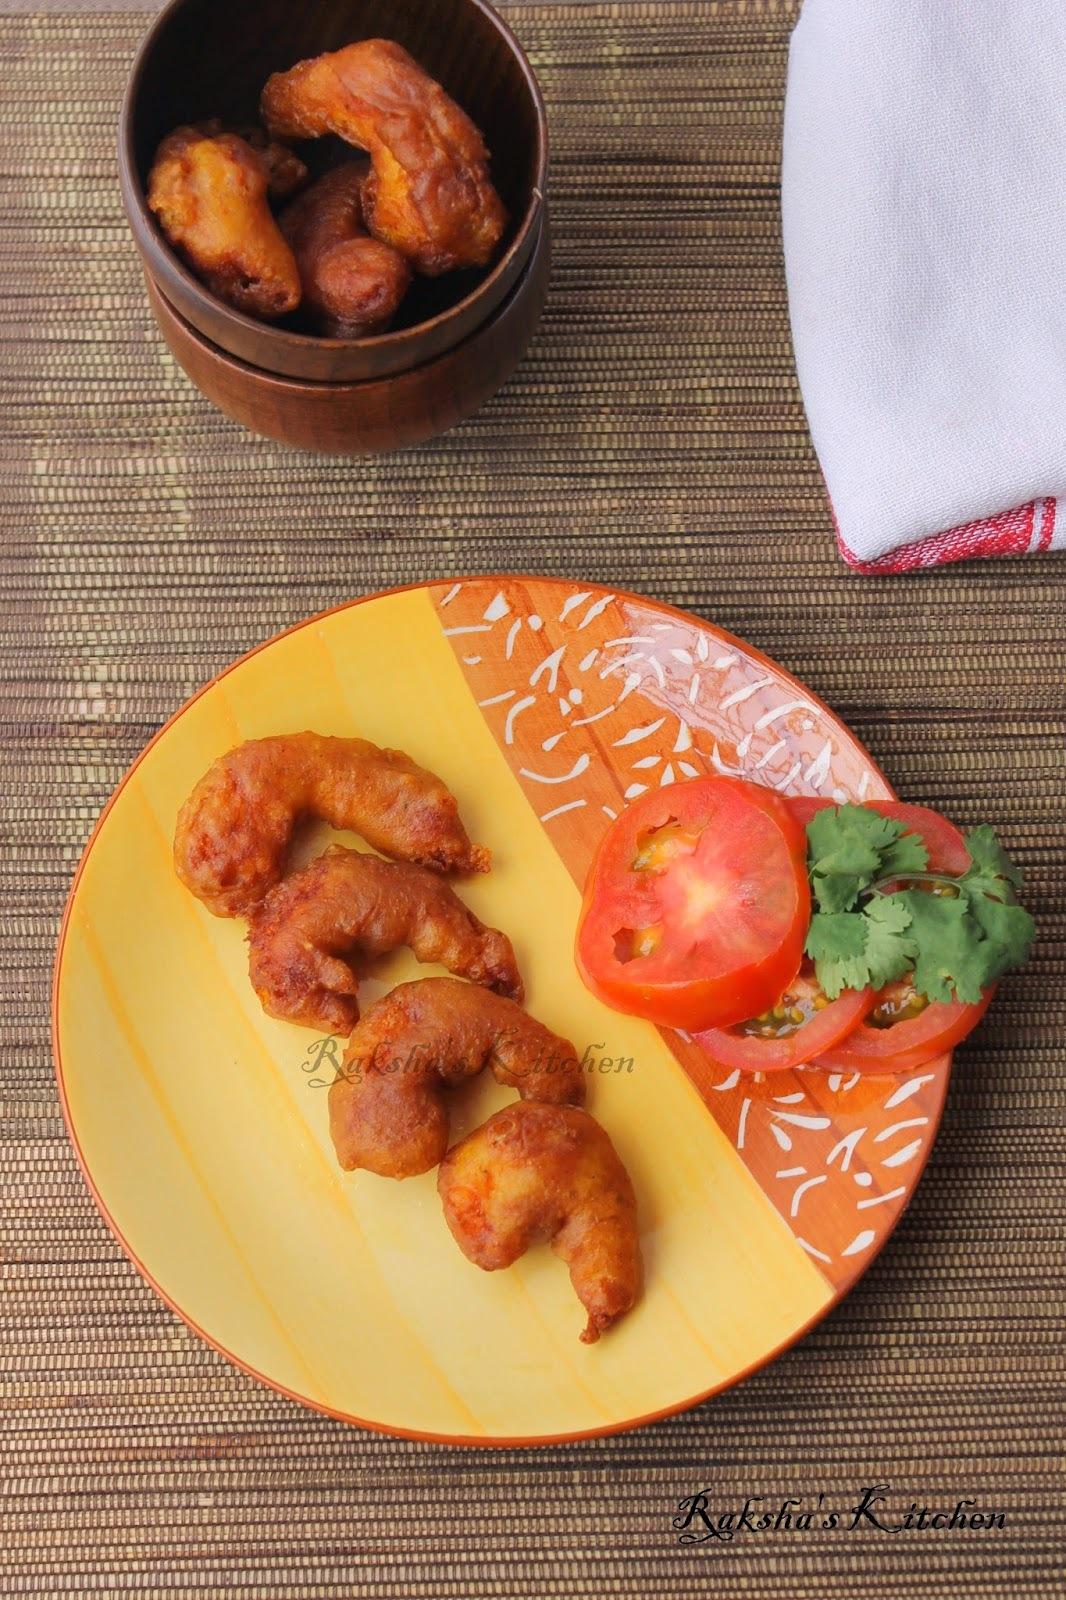 Golden Fried Prawns   Batter Fried Prawns   Deep Fried Shrimps